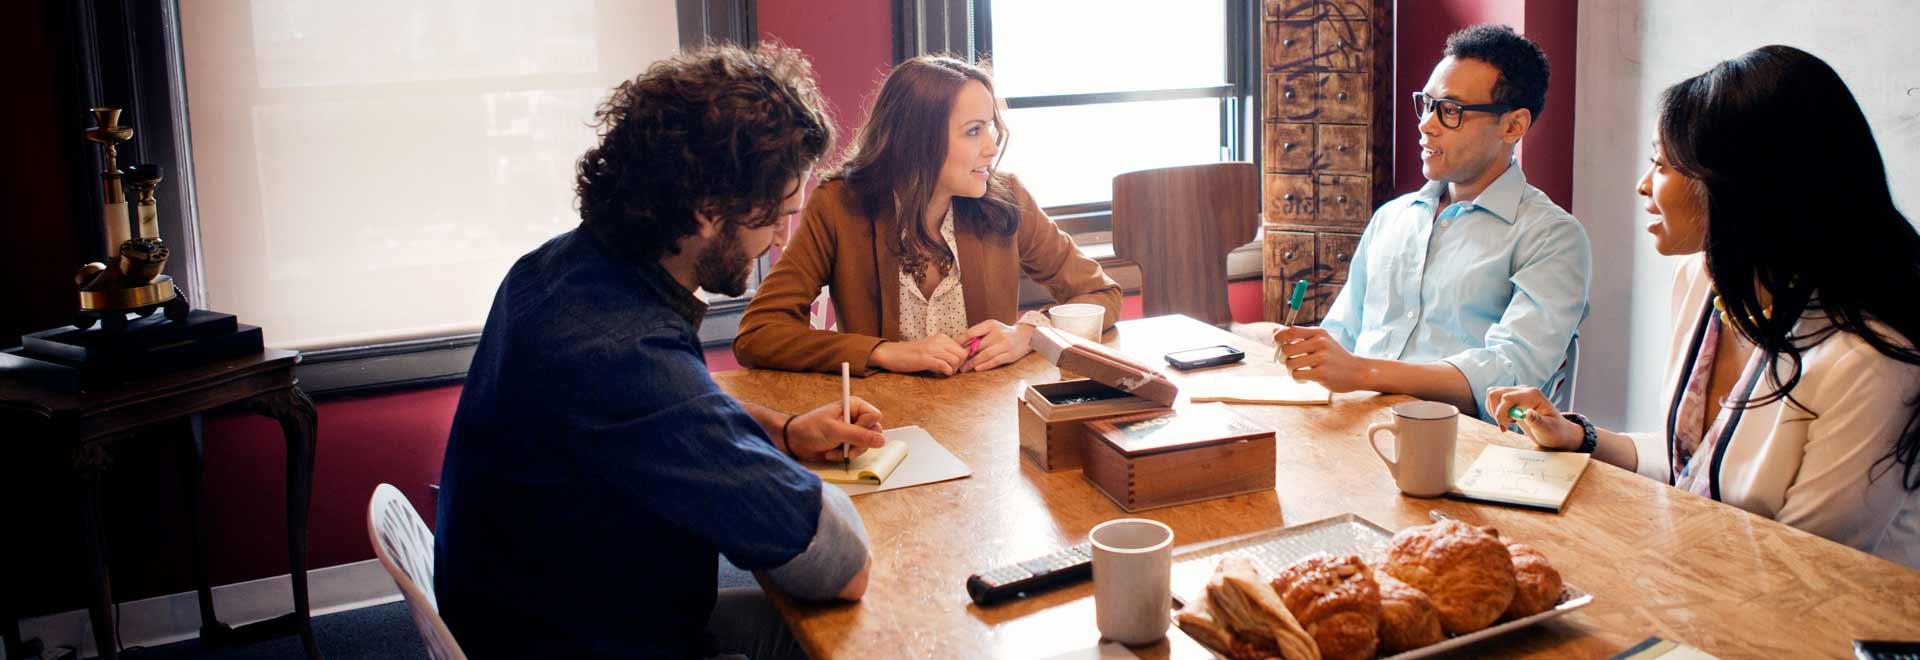 Čtyři lidé, kteří pracují v kanceláři s Office 365 Enterprise E3.